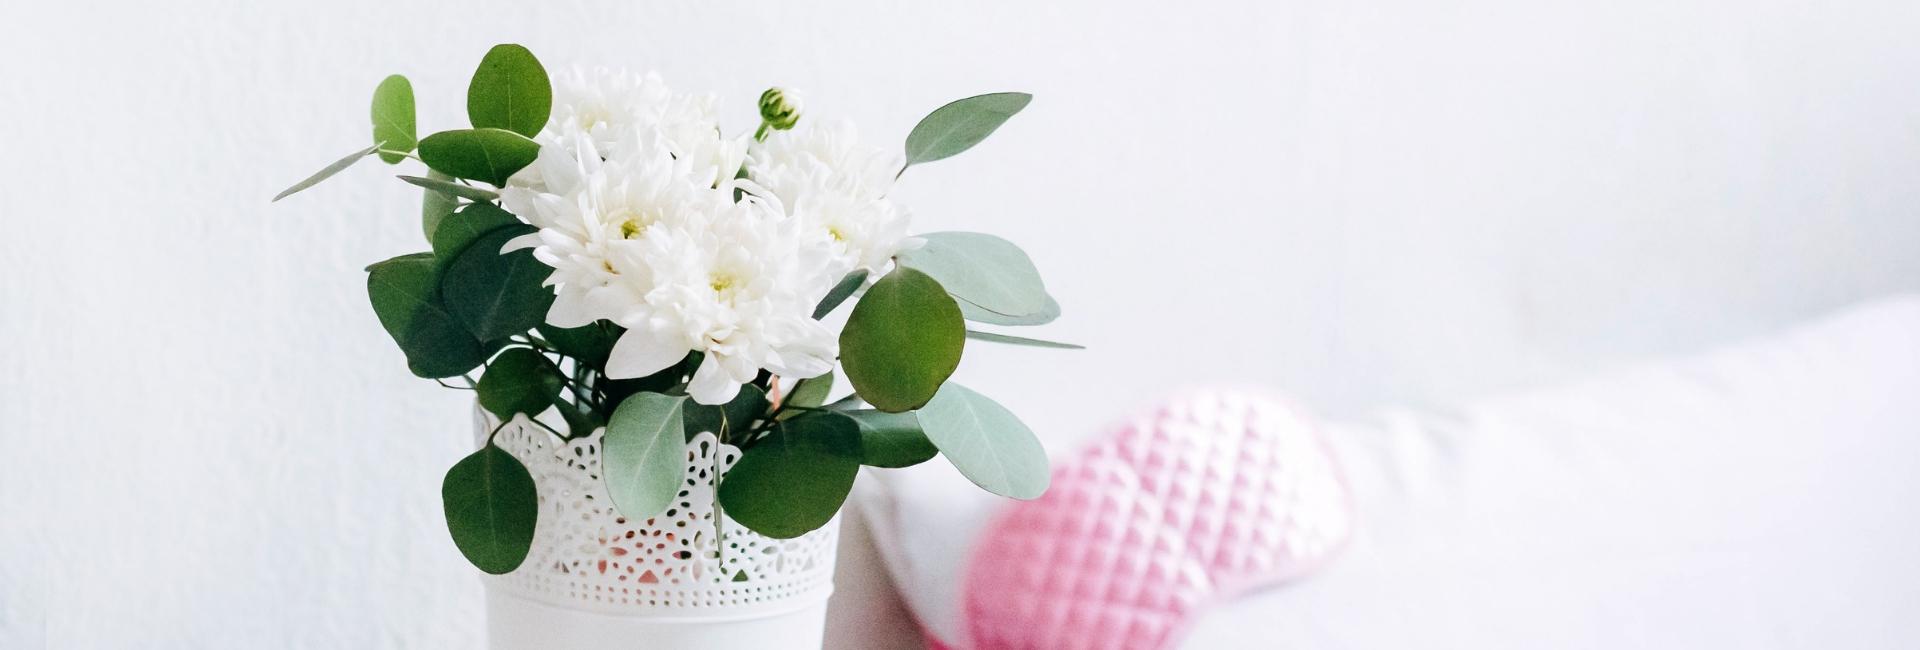 Cáncer de mama: artículos imprescindibles mastectomía